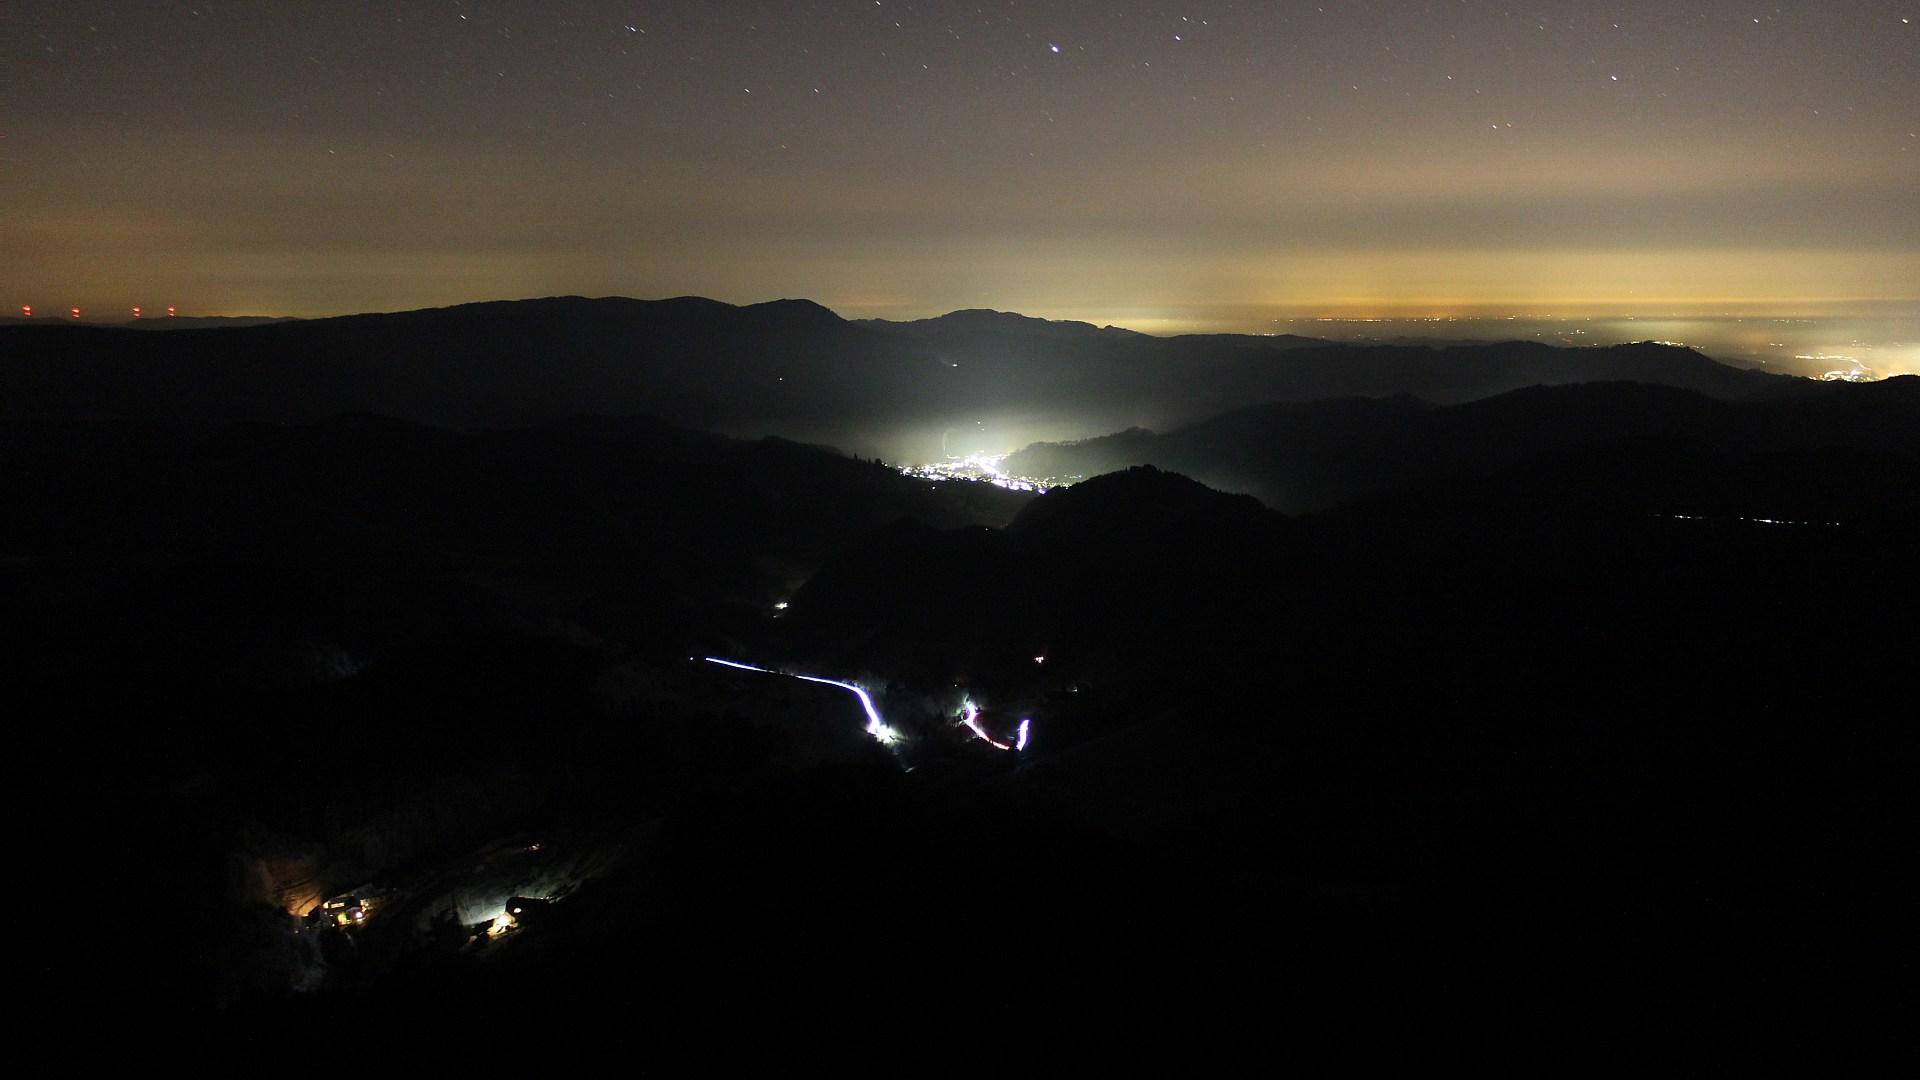 Aufnahme: Buchkopfturm vom 24.01.2020 05:30